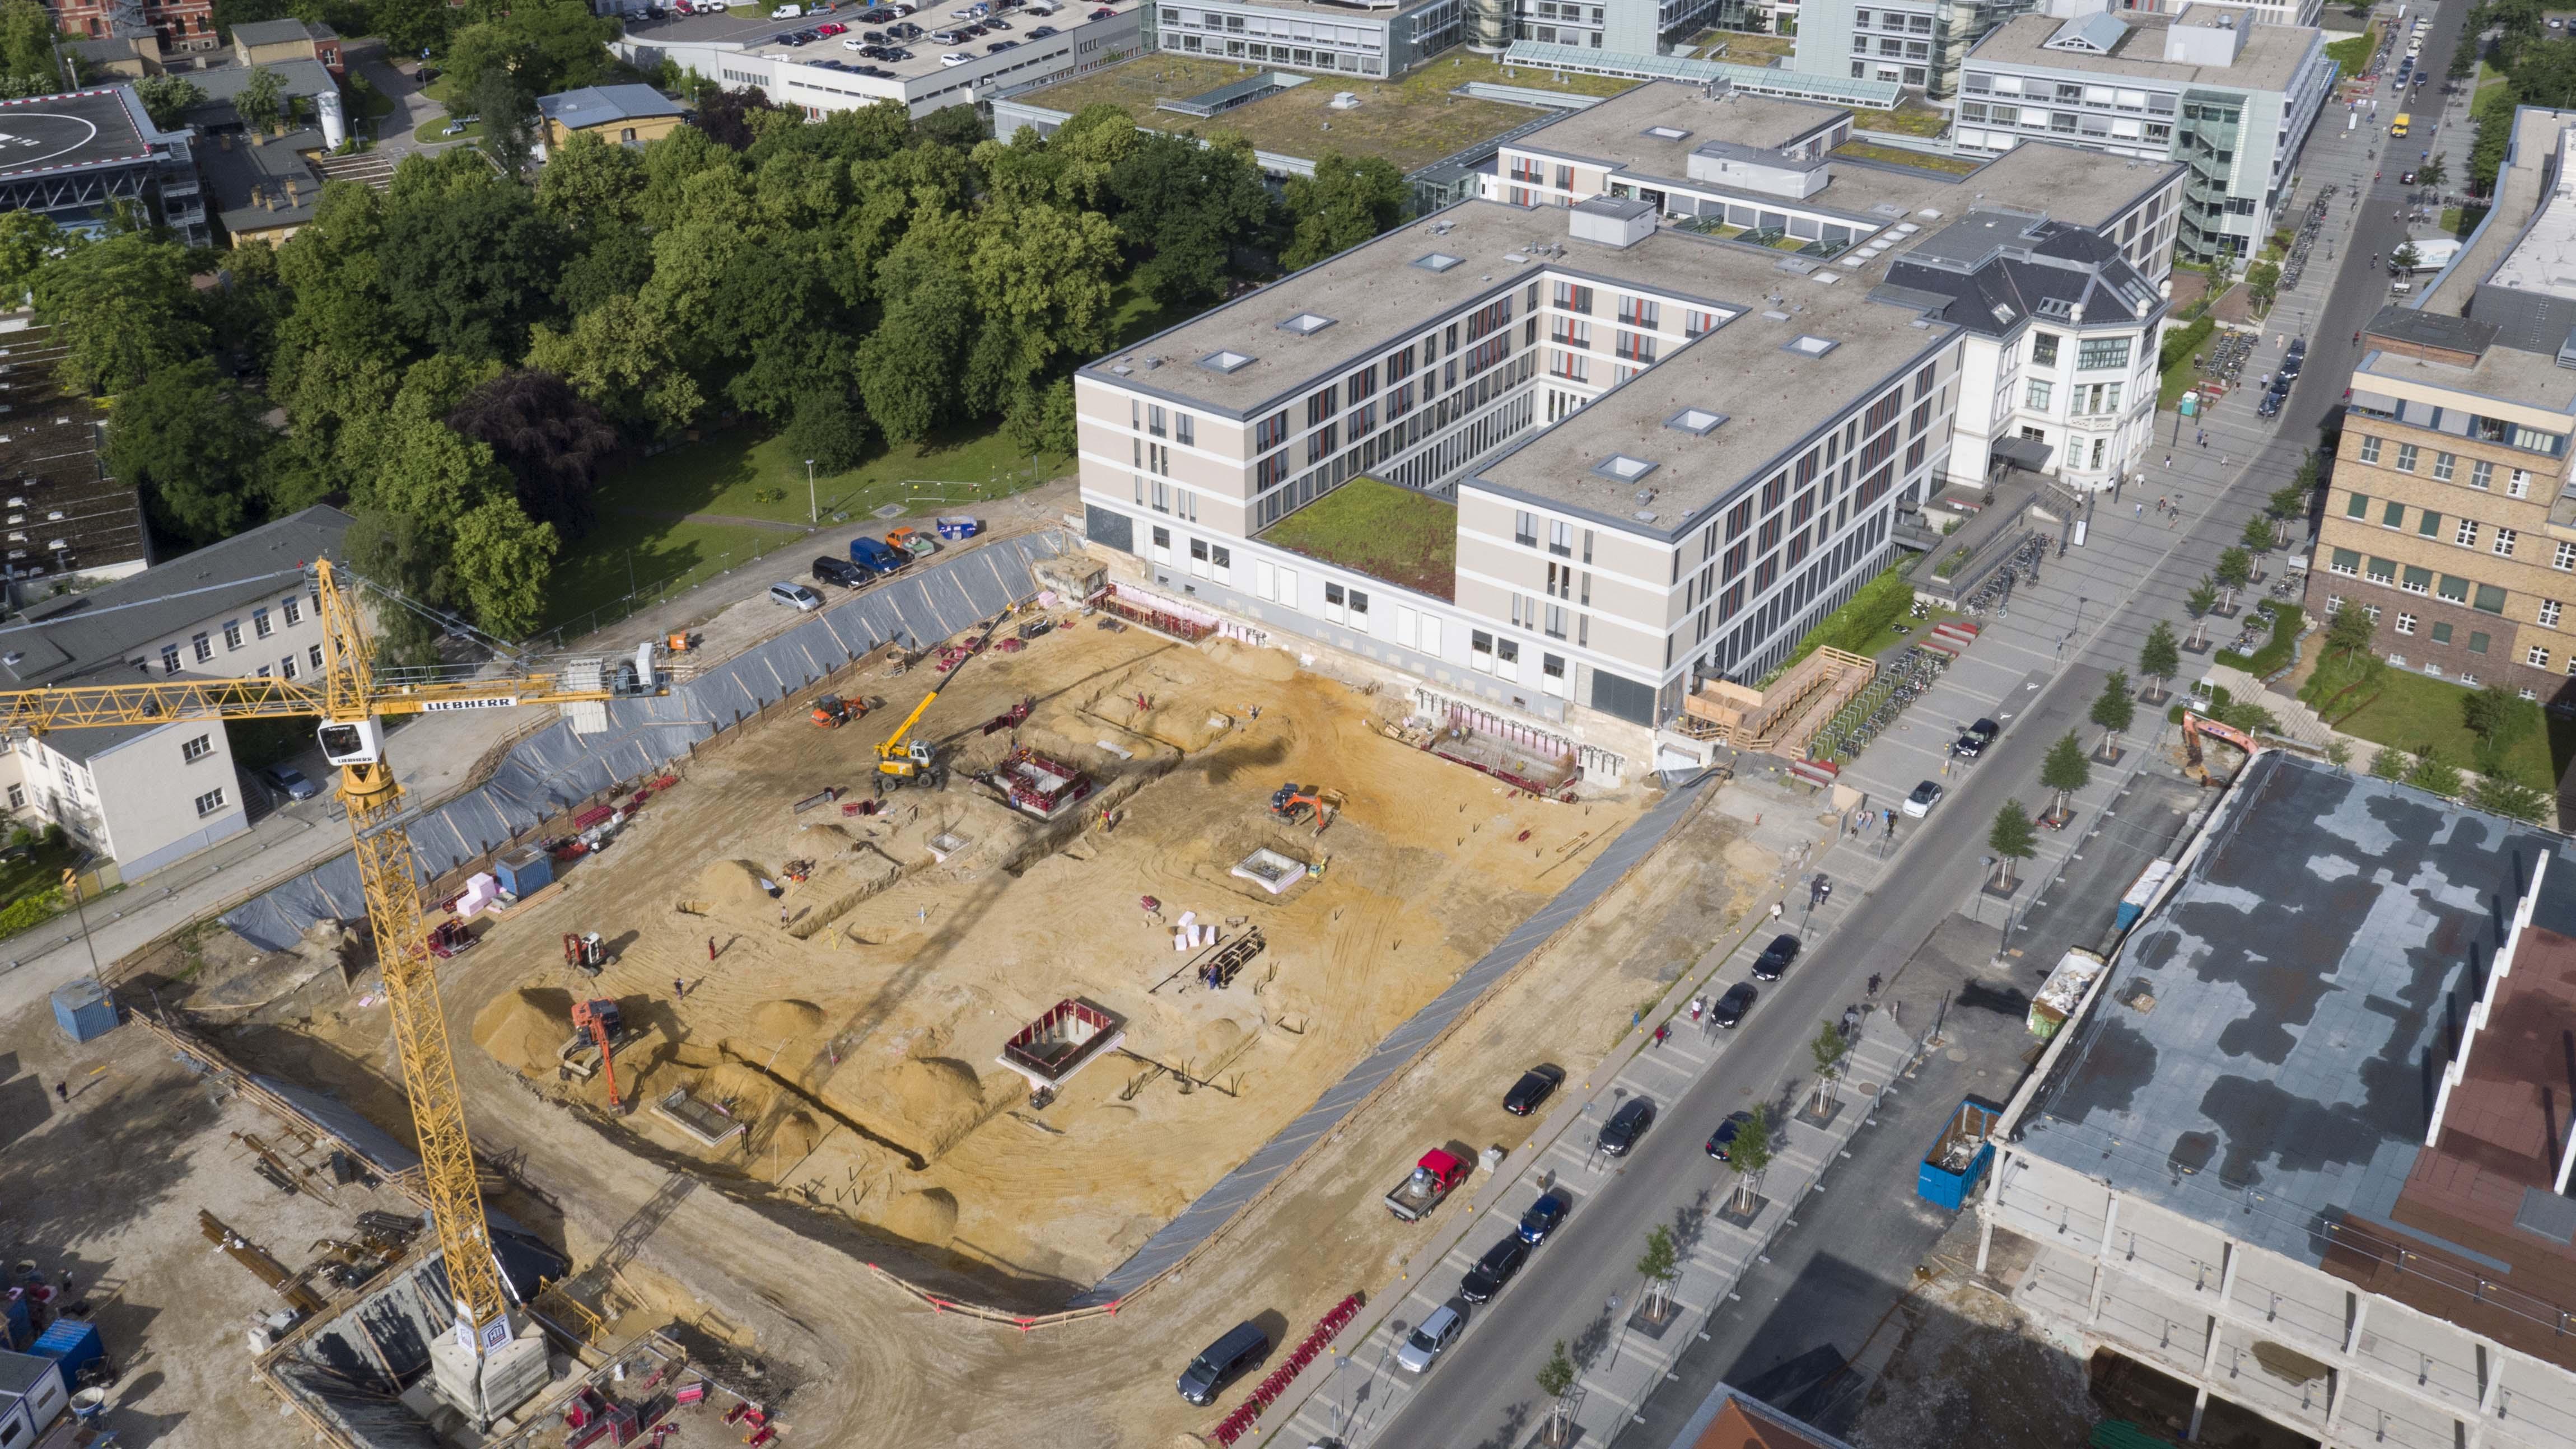 58 Millionen für neues Klinikzentrum